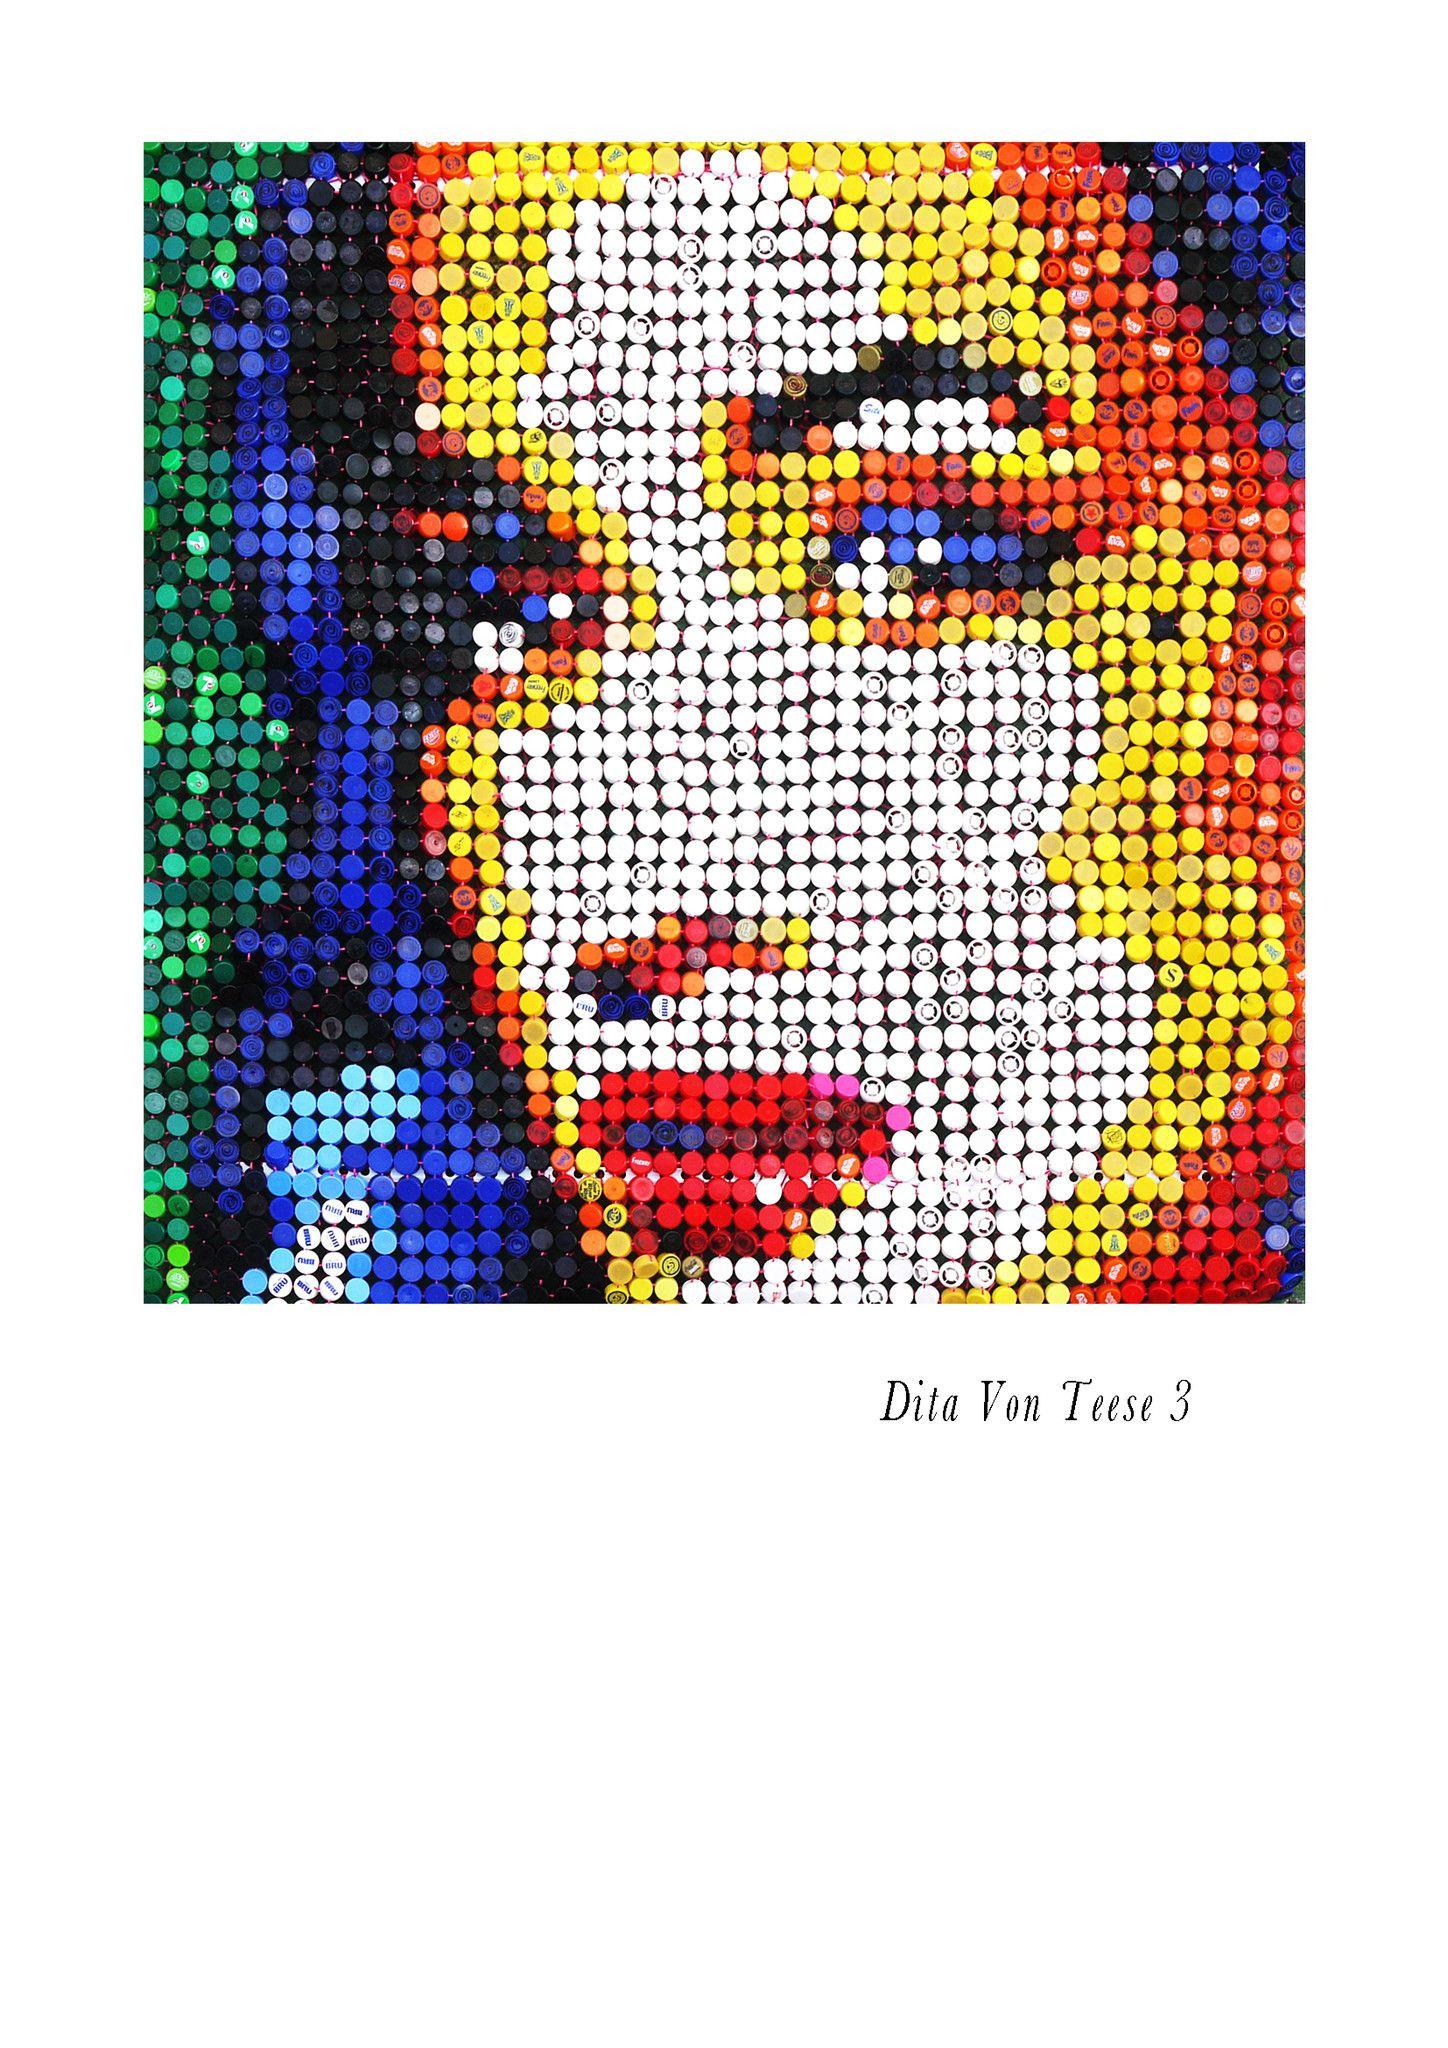 """MIXED MEDIA JORGE CASTRO GOMEZ """" DITA VON TEESE 3 """"  dimensioni L 145 x H 145 cm."""